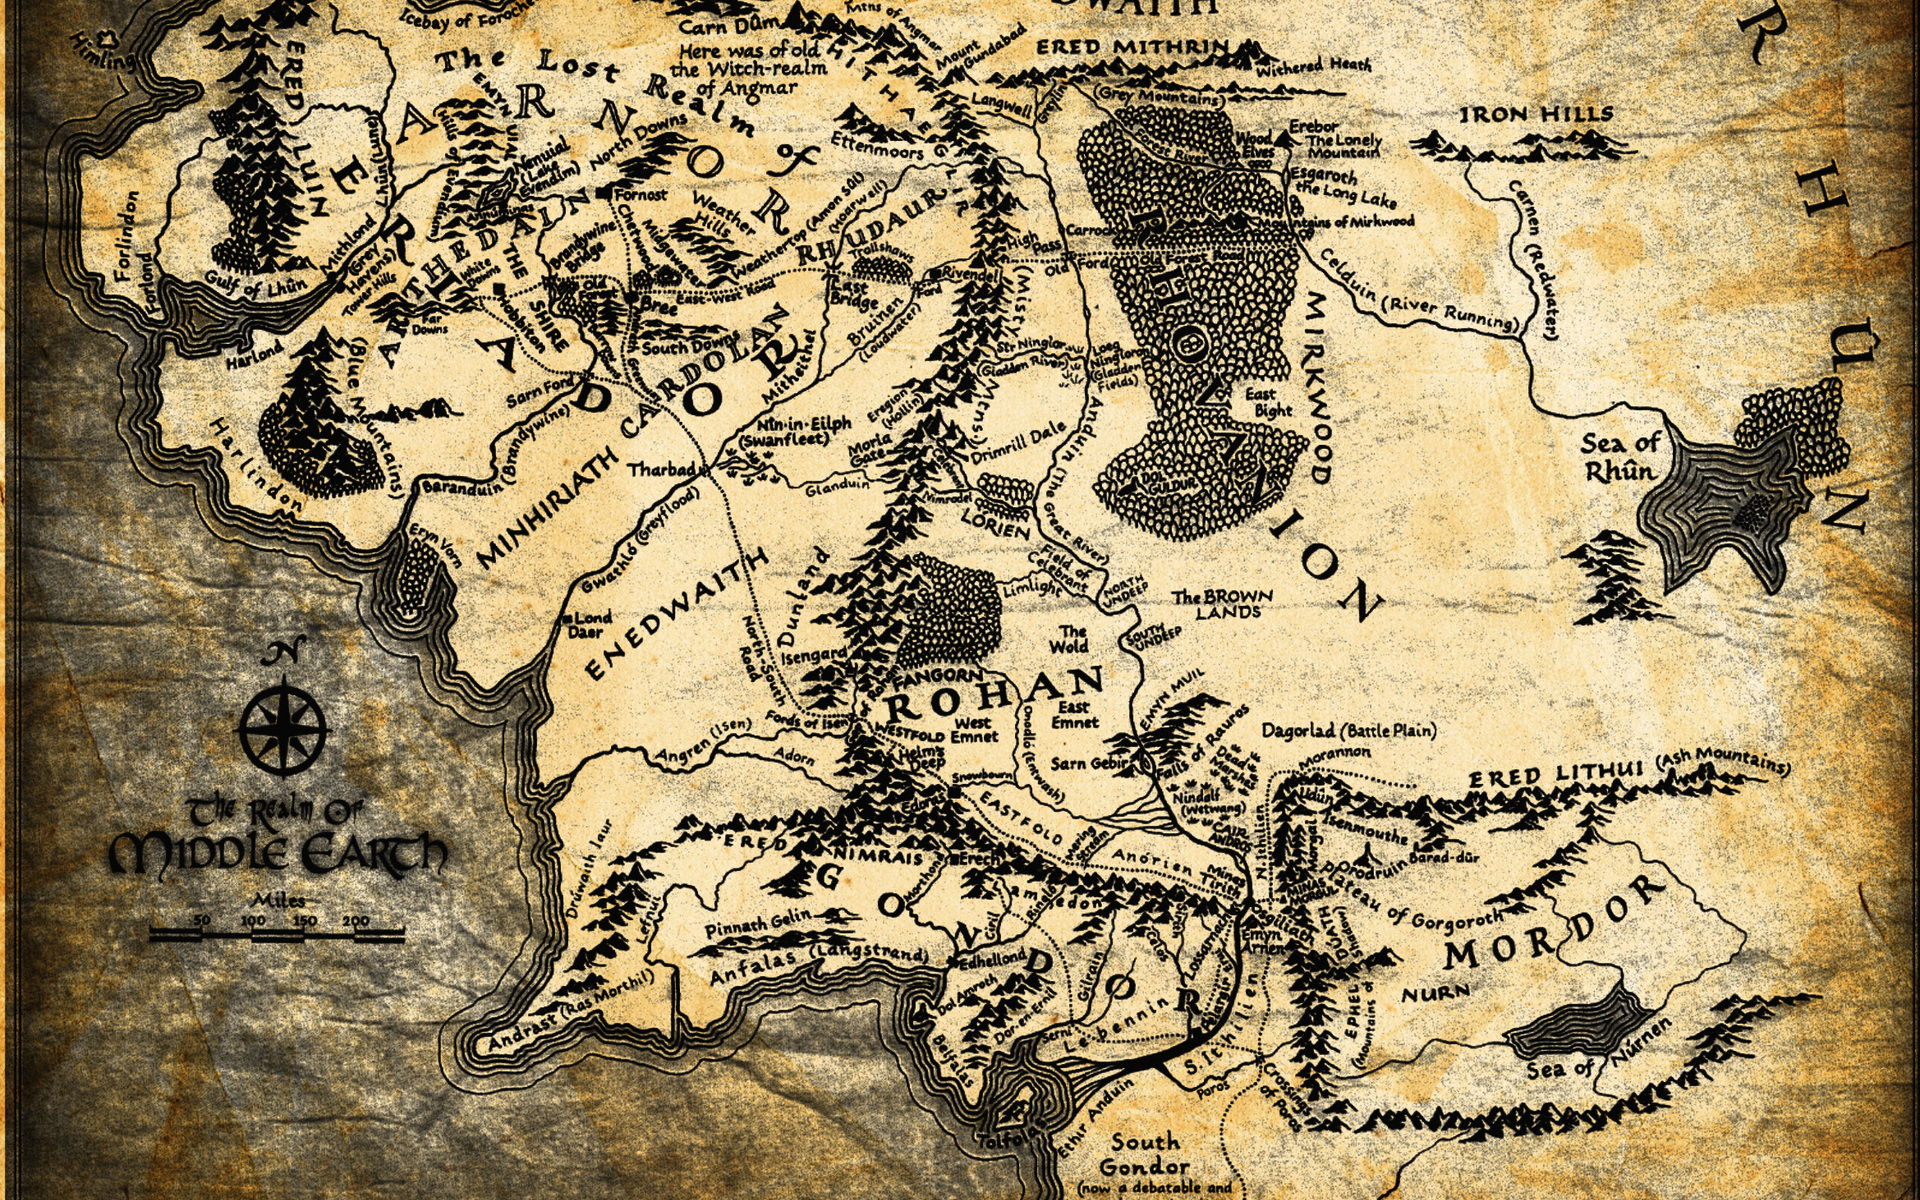 Middle Earth Map Desktop 1920x1200 Pixel Popular HD Wallpaper 29871  1920x1200